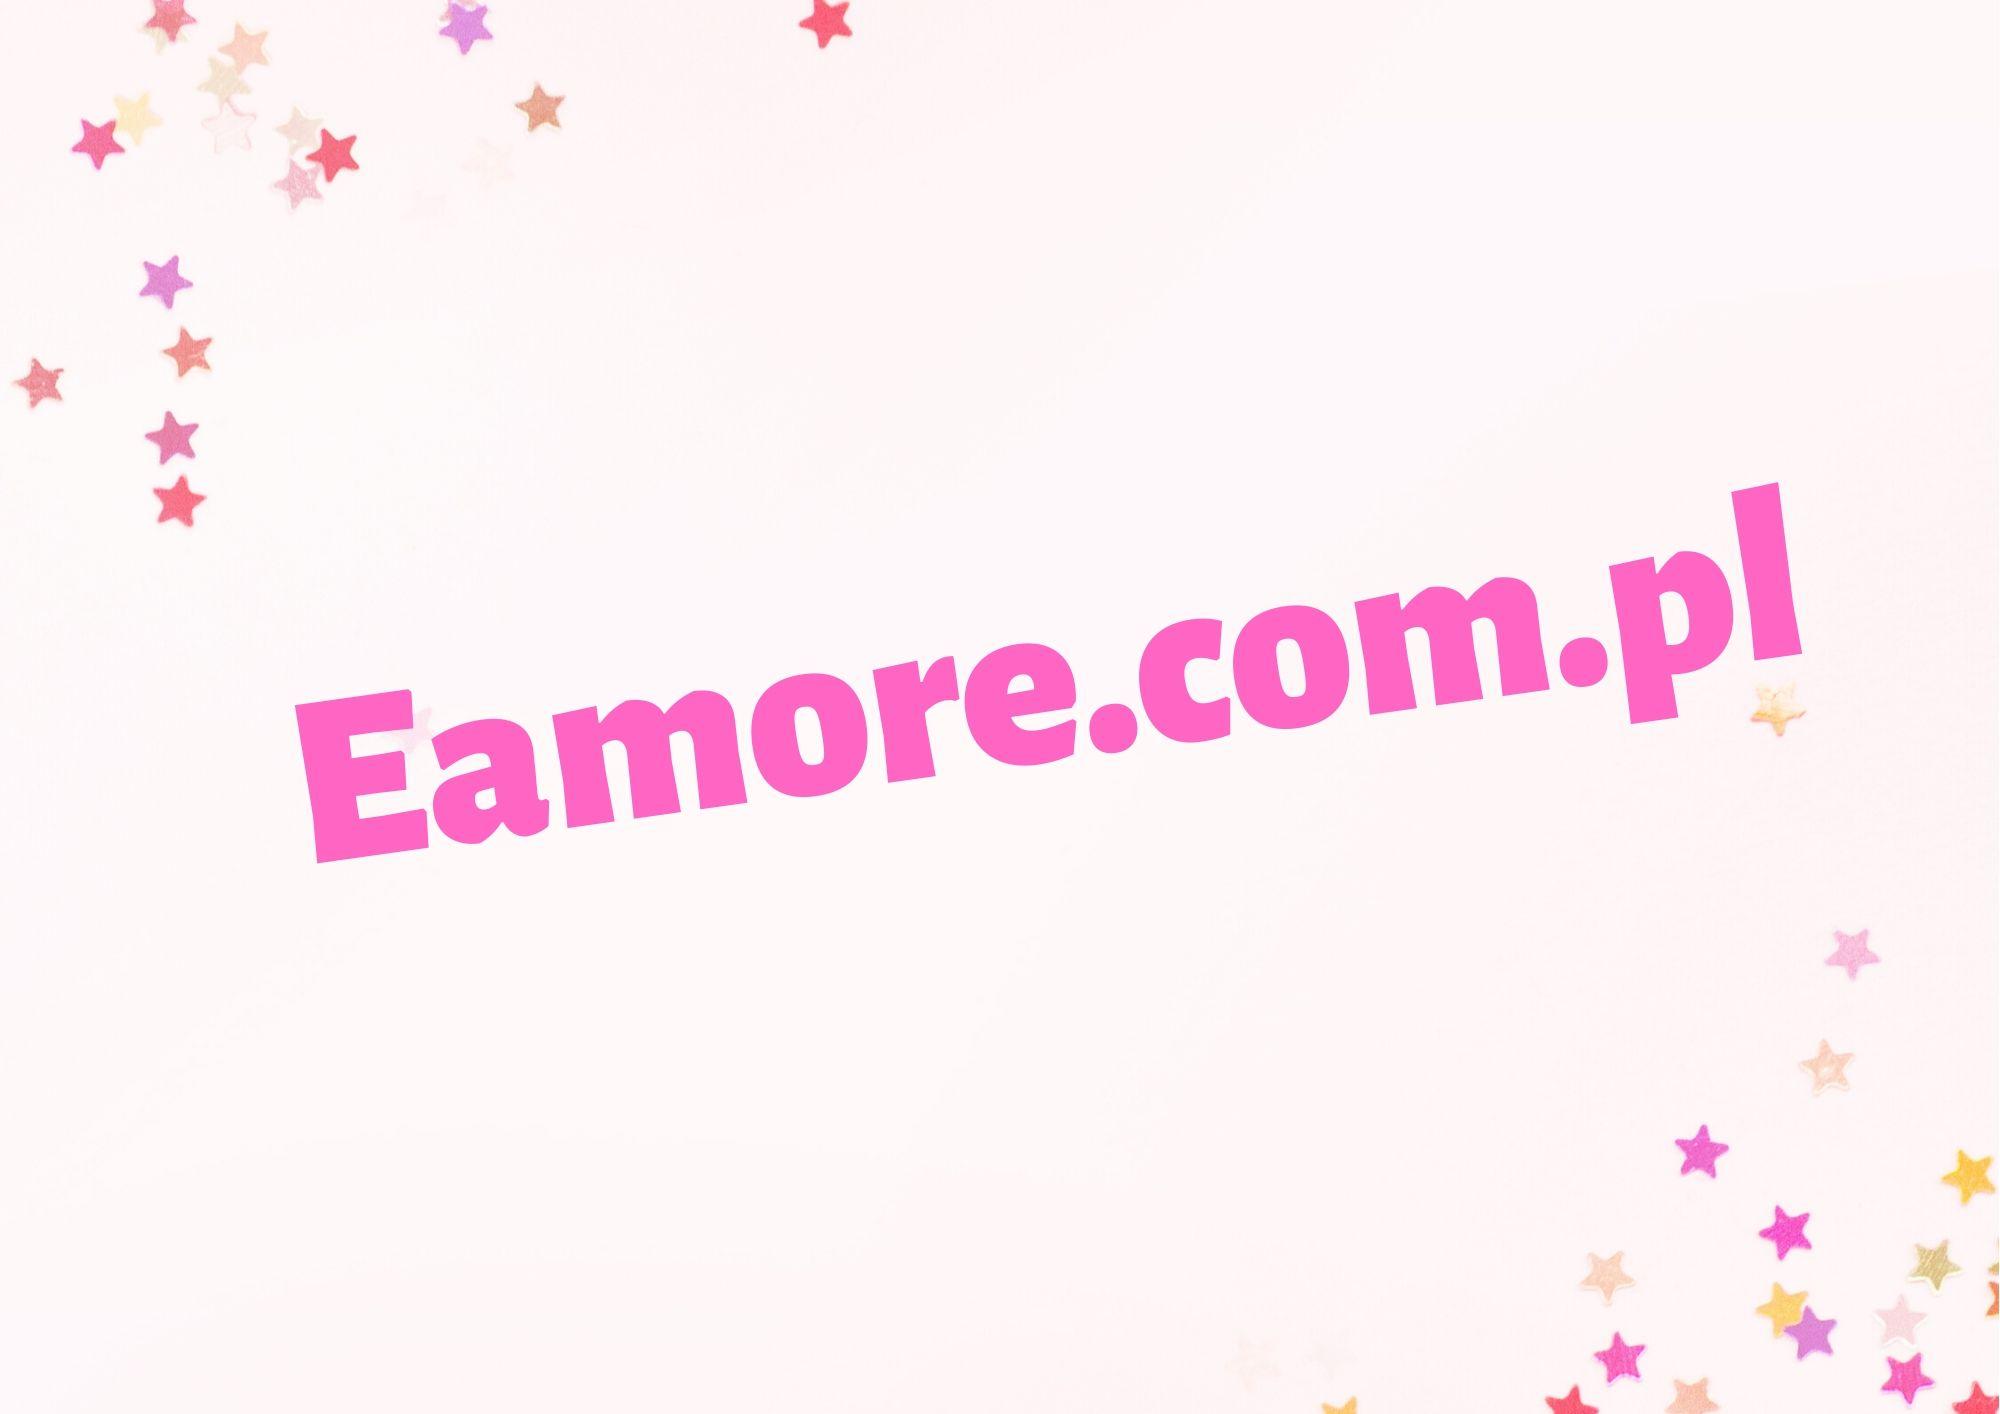 Eamore.com.pl, czy warto mieć tam konto?